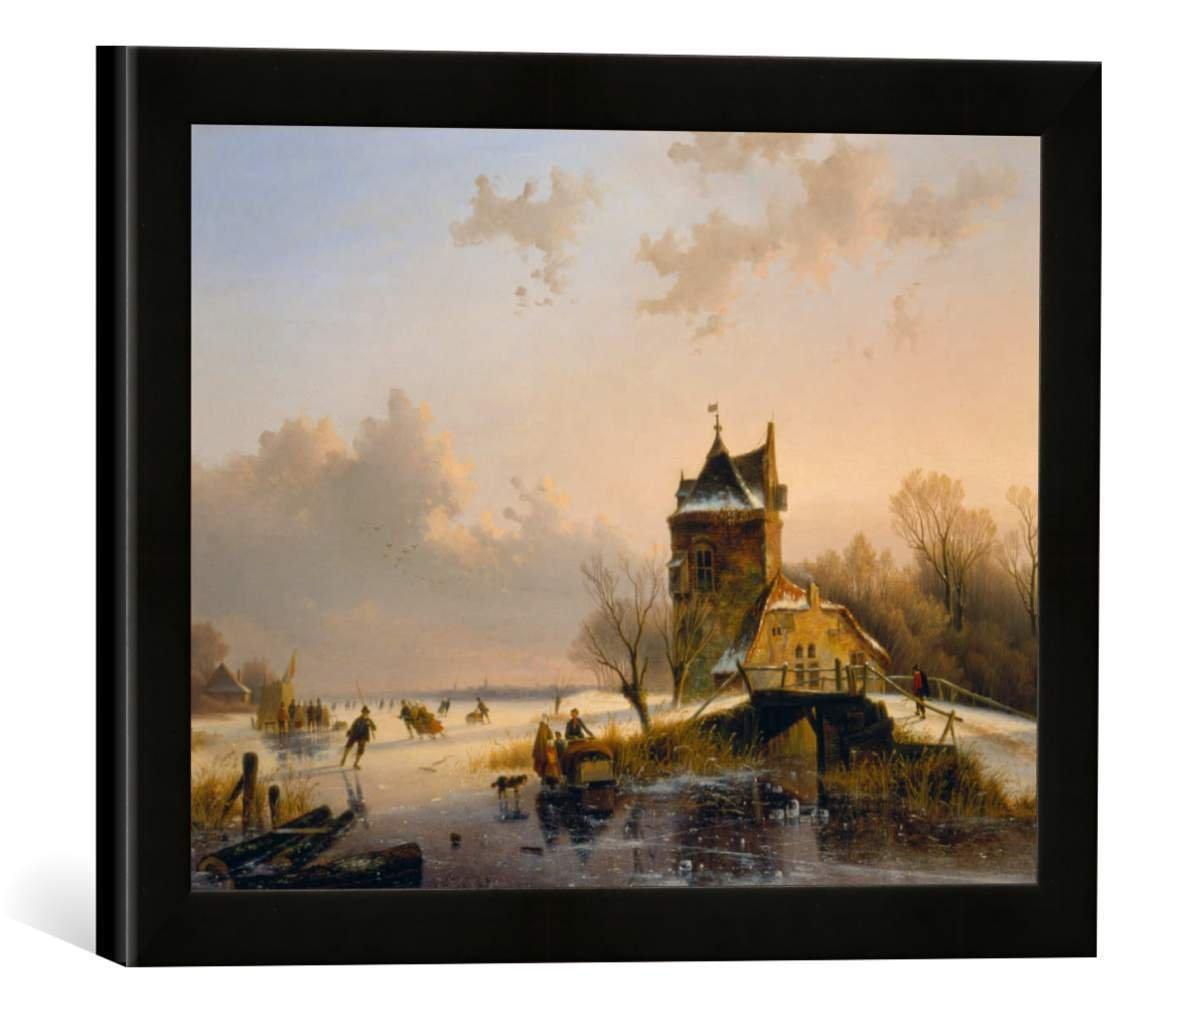 Gerahmtes Bild von Jacobus Freudenberg Winterlandschaft mit Eisläufern, Kunstdruck im hochwertigen handgefertigten Bilder-Rahmen, 40x30 cm, Schwarz matt